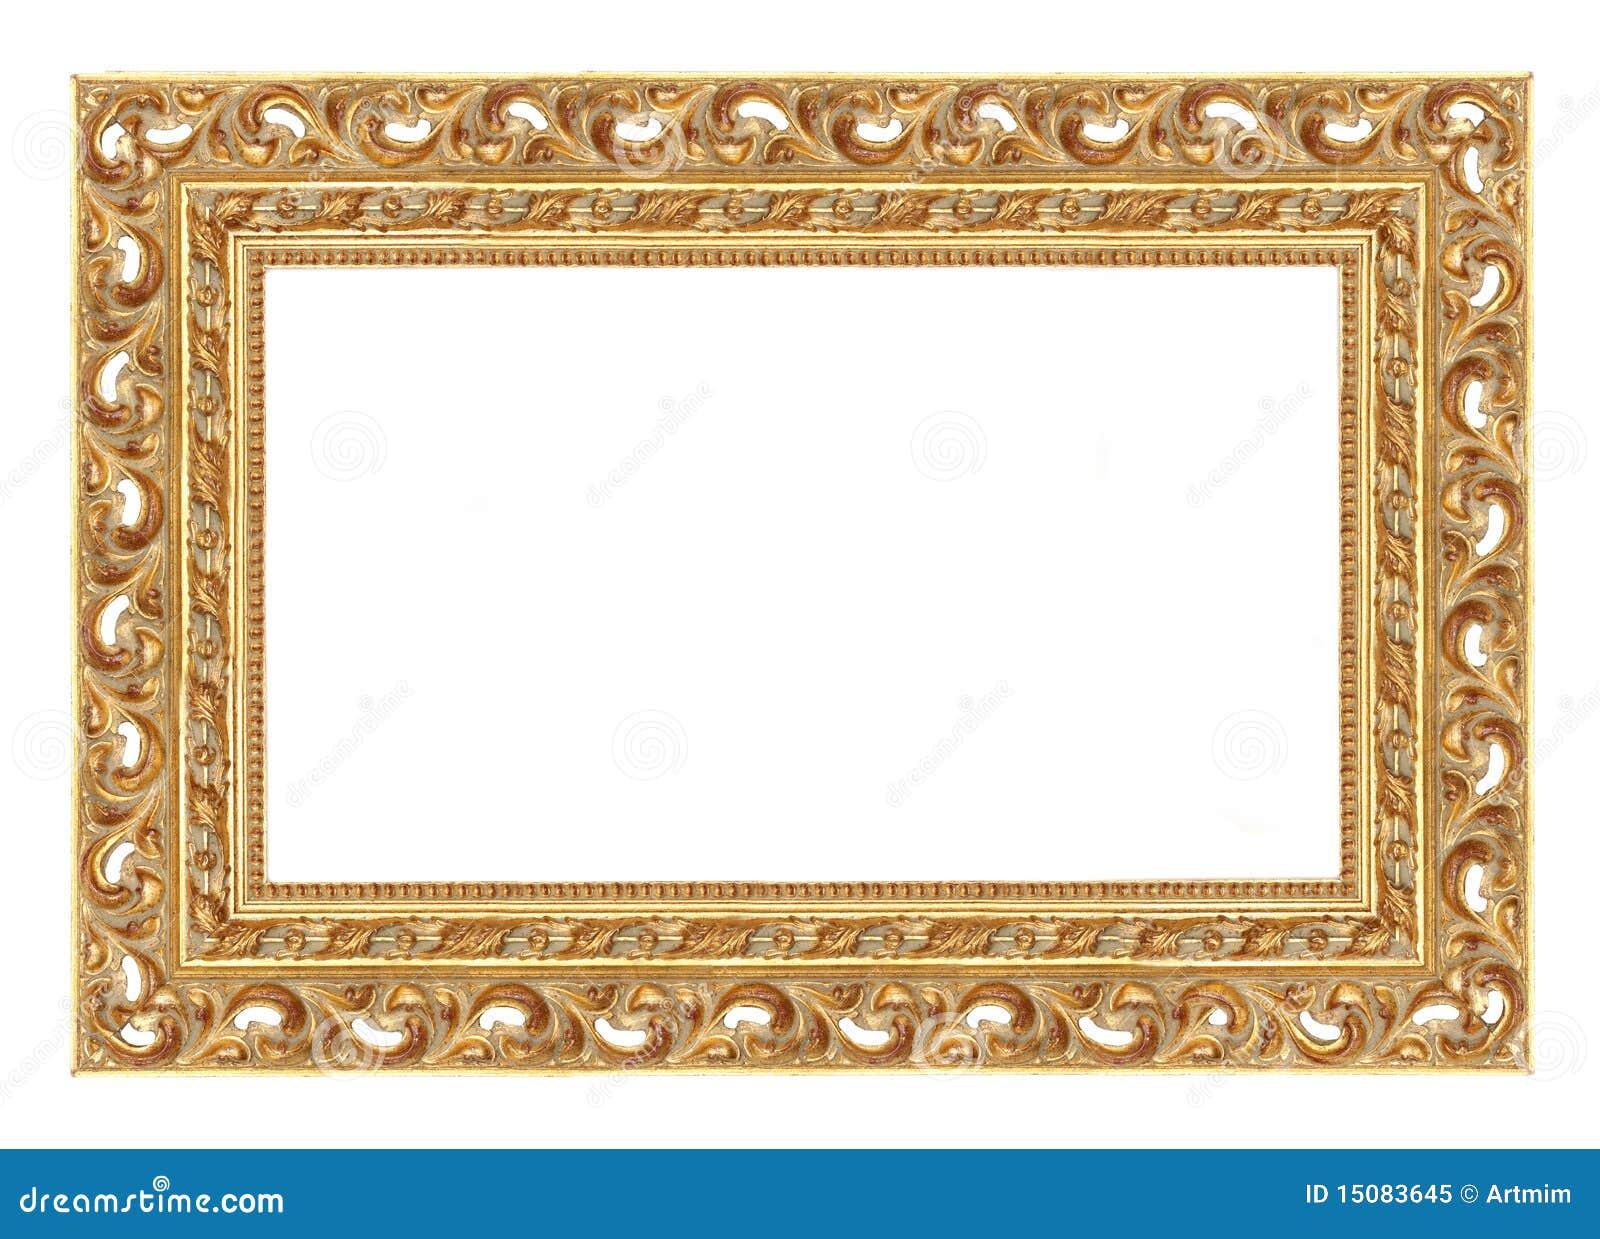 Marco para introducir sus propios cuadros foto de archivo - Marco para cuadro ...